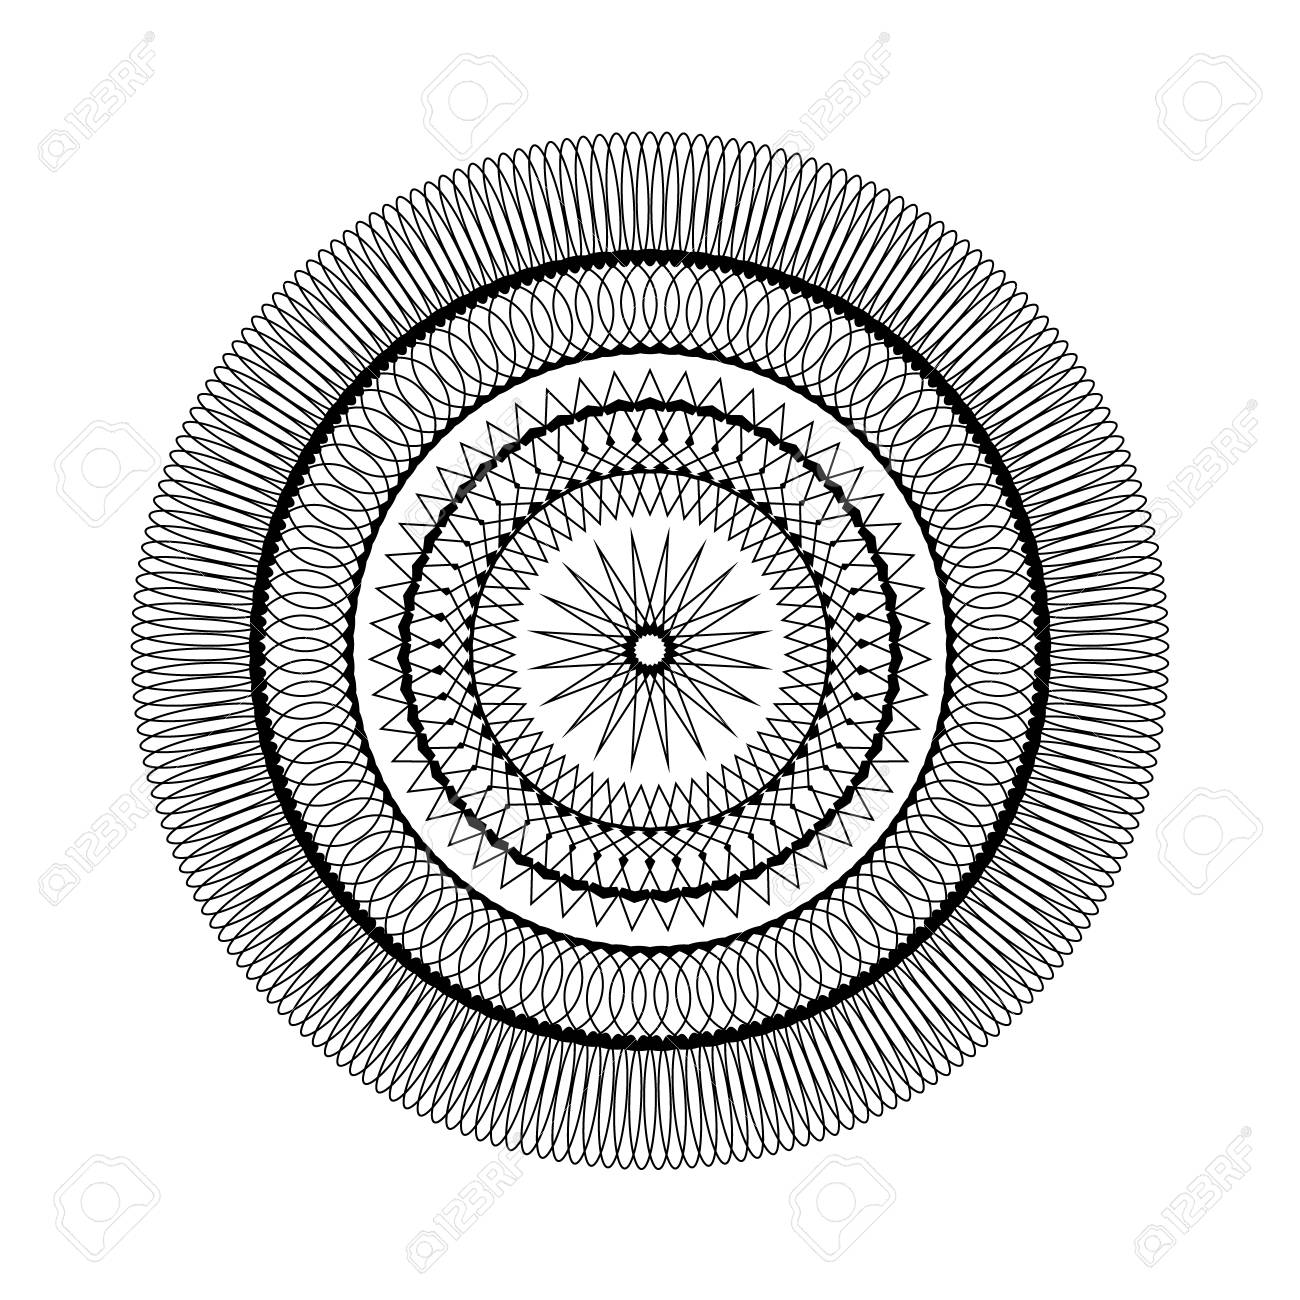 Vecteur Adulte Livre De Coloriage Page Modele Circulaire Mandala